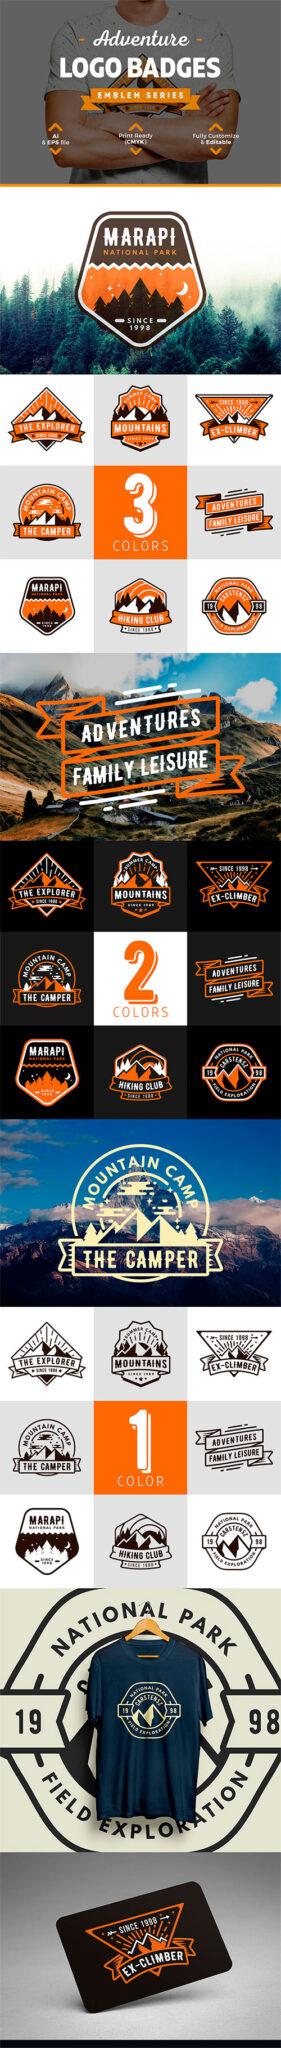 logotipos aventura - escalado-climbing